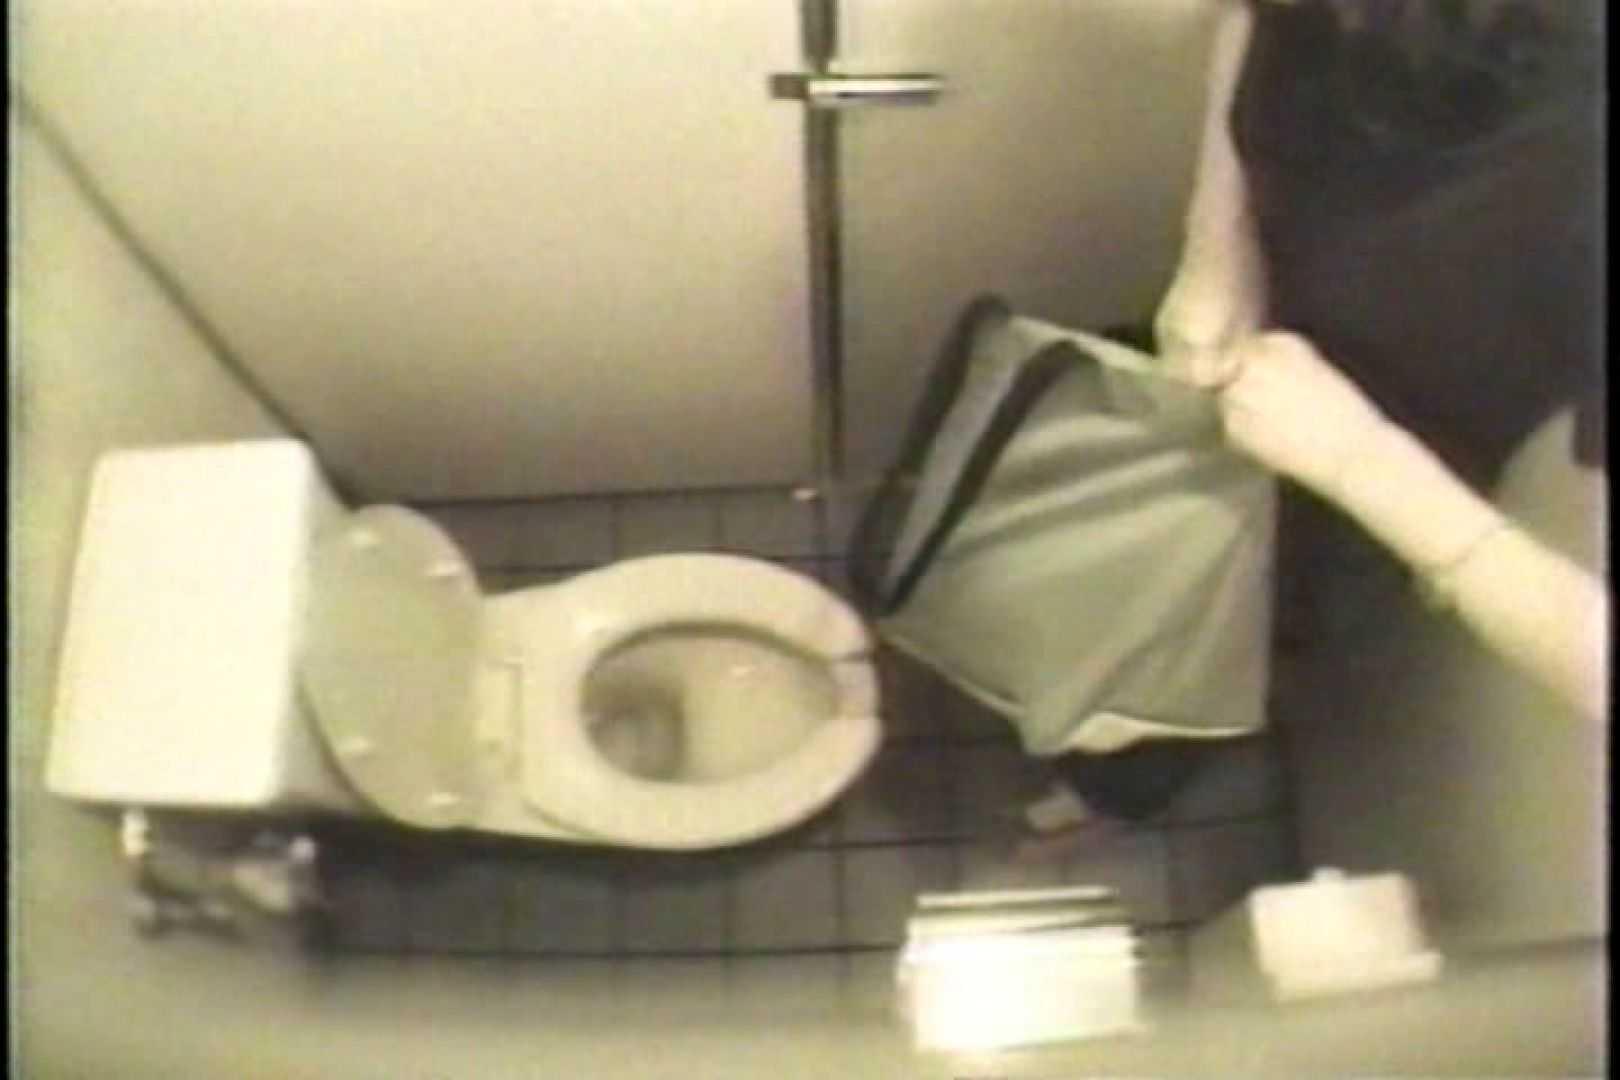 盗撮 女子洗面所3ヶ所入ってしゃがんで音出して プライベート  109連発 84